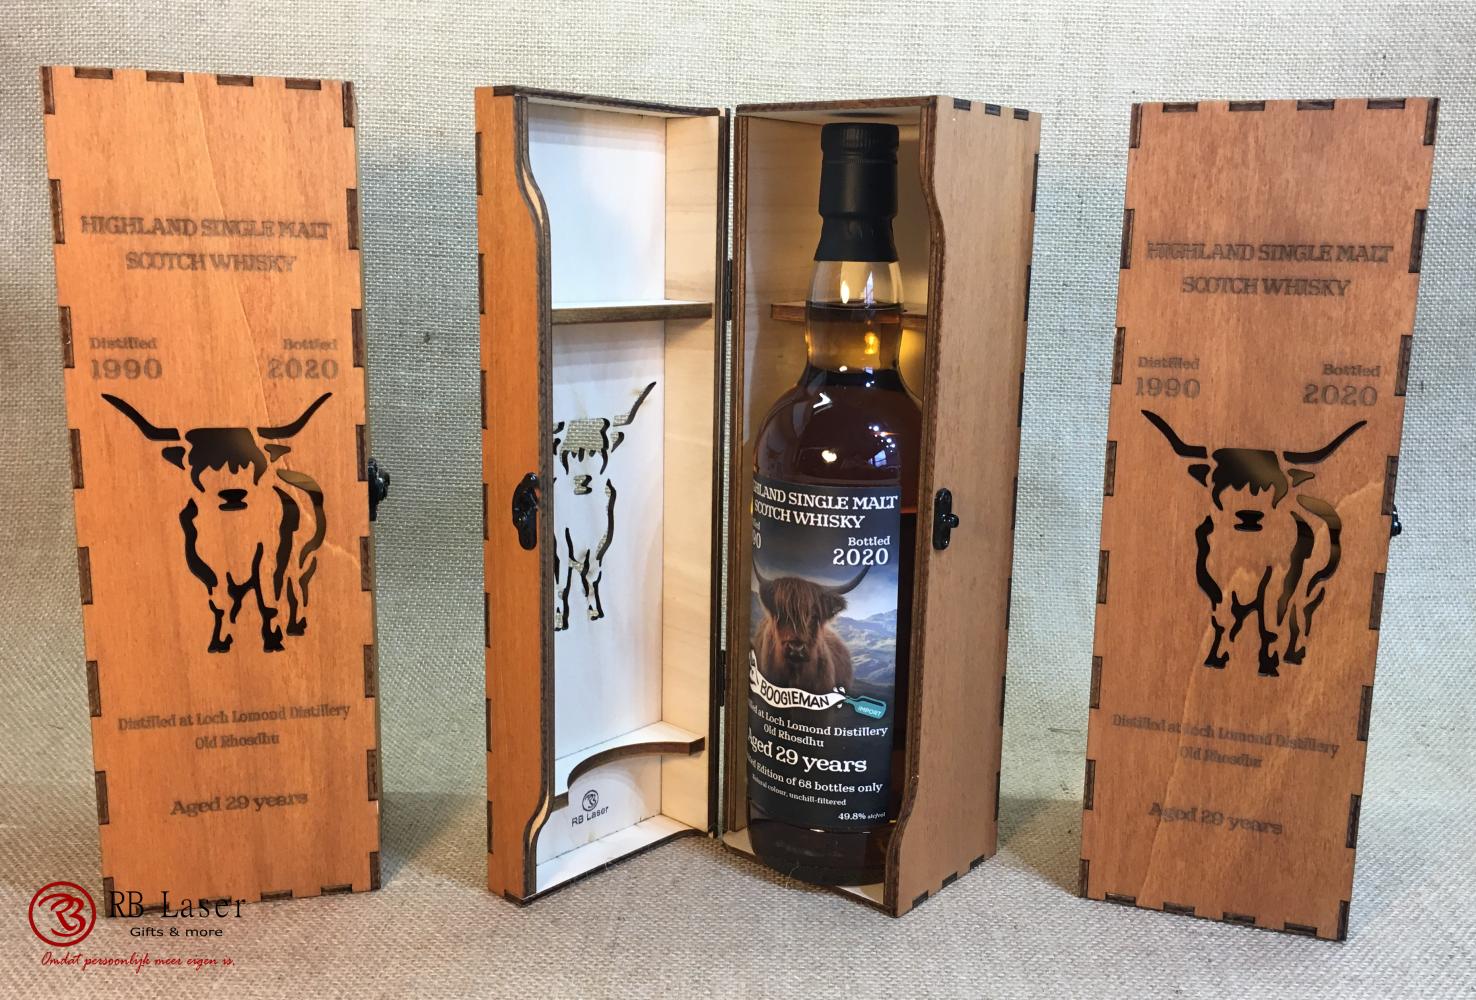 Door RB Laser zelf ontworpen en gepersonaliseerde whiskykist.